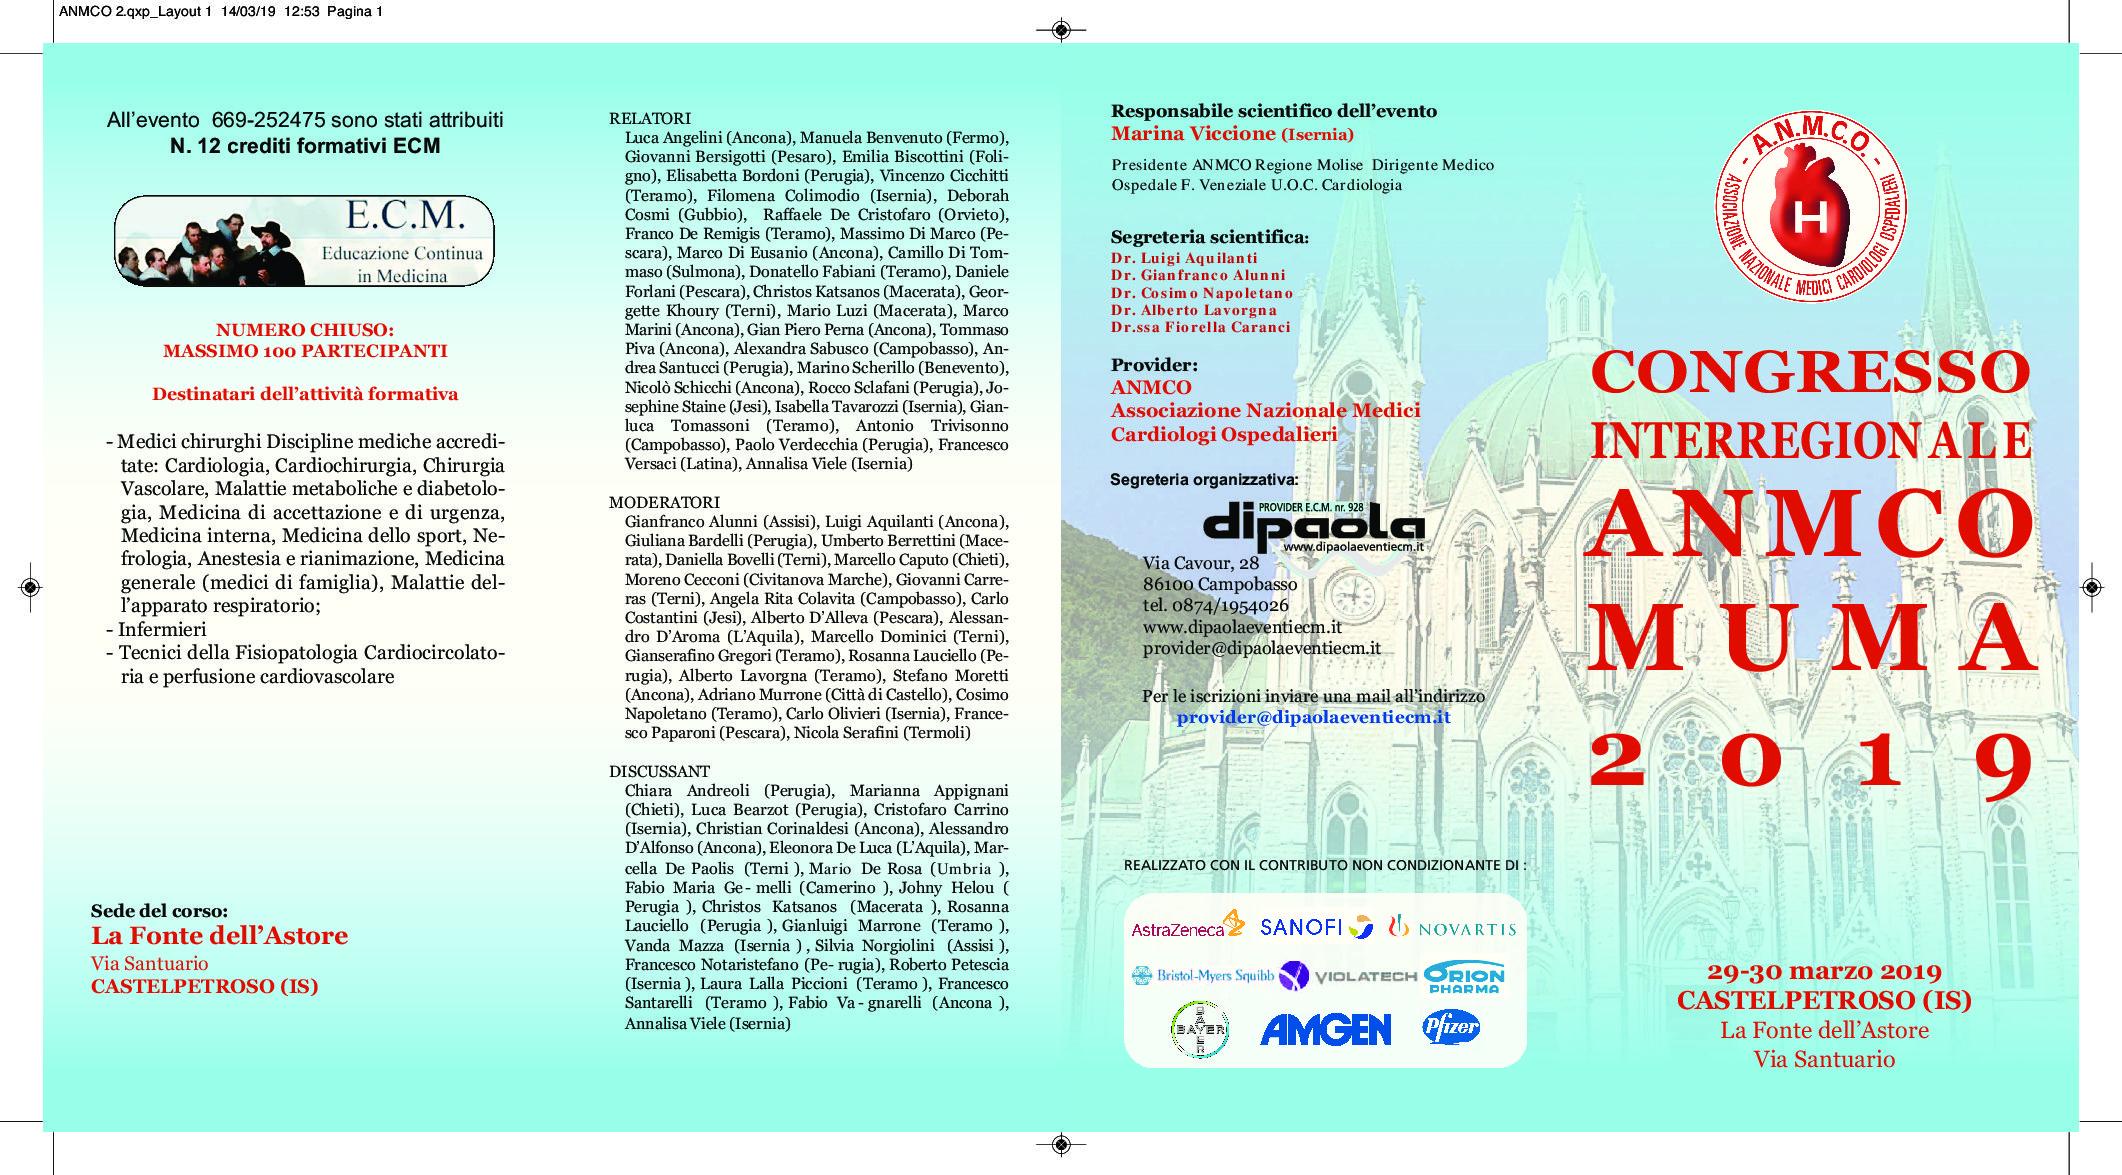 Congresso interregionale ANMCO MUMA 2019